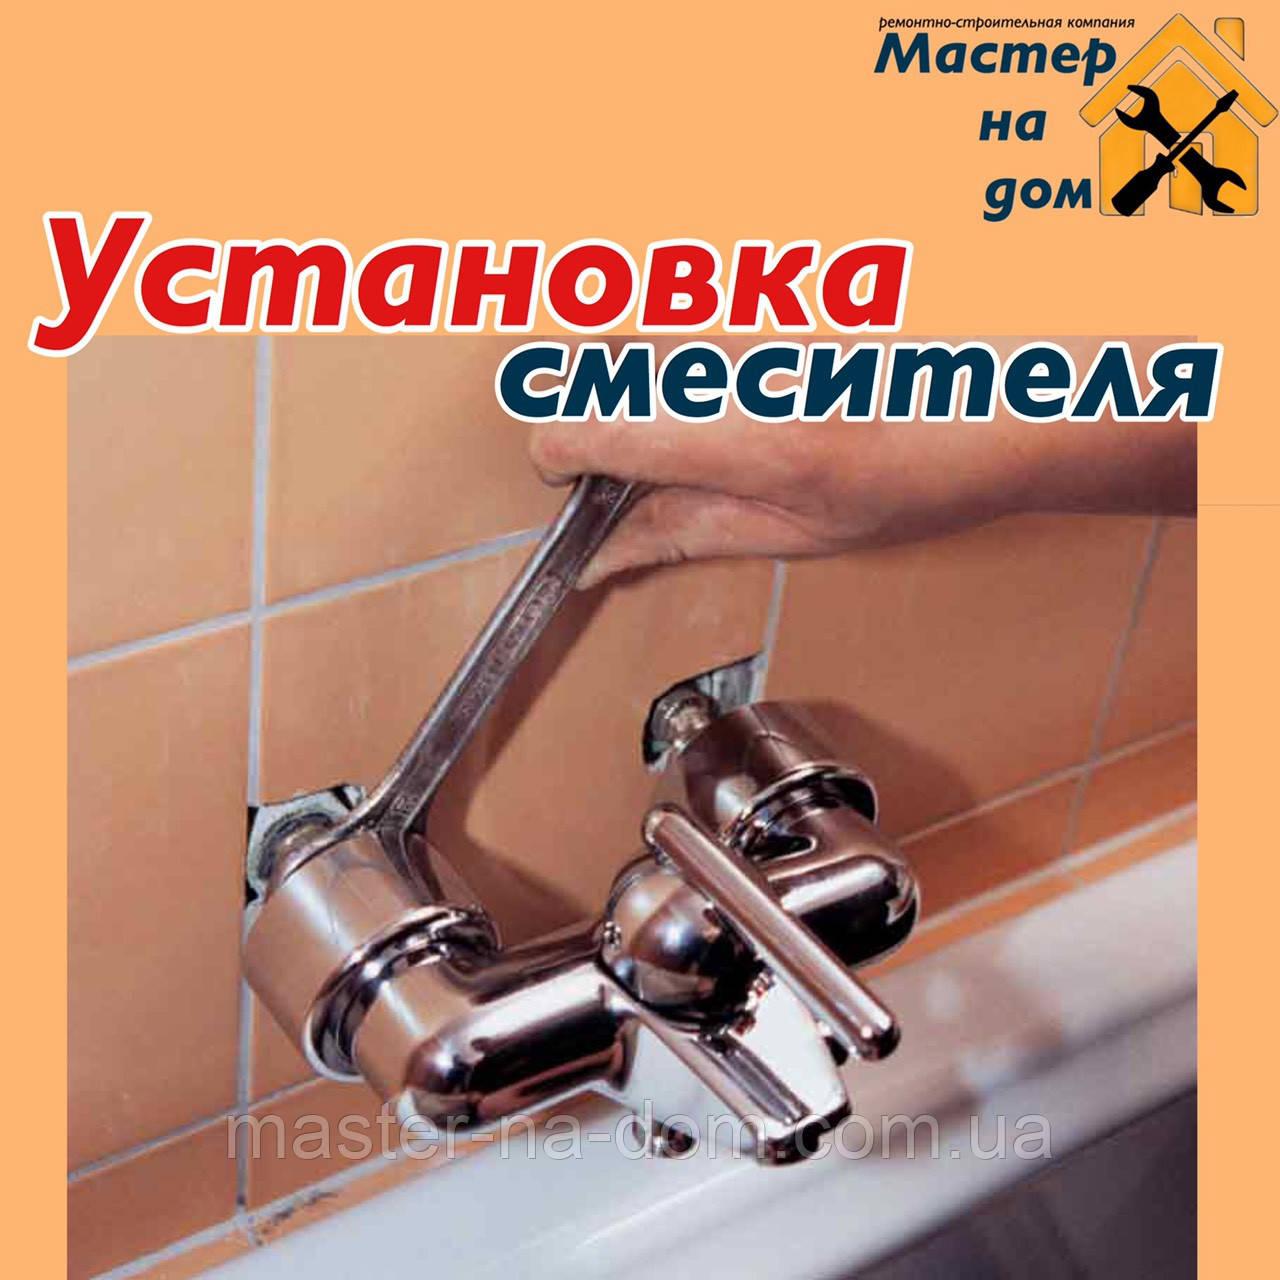 Установка смесителя в Ровном